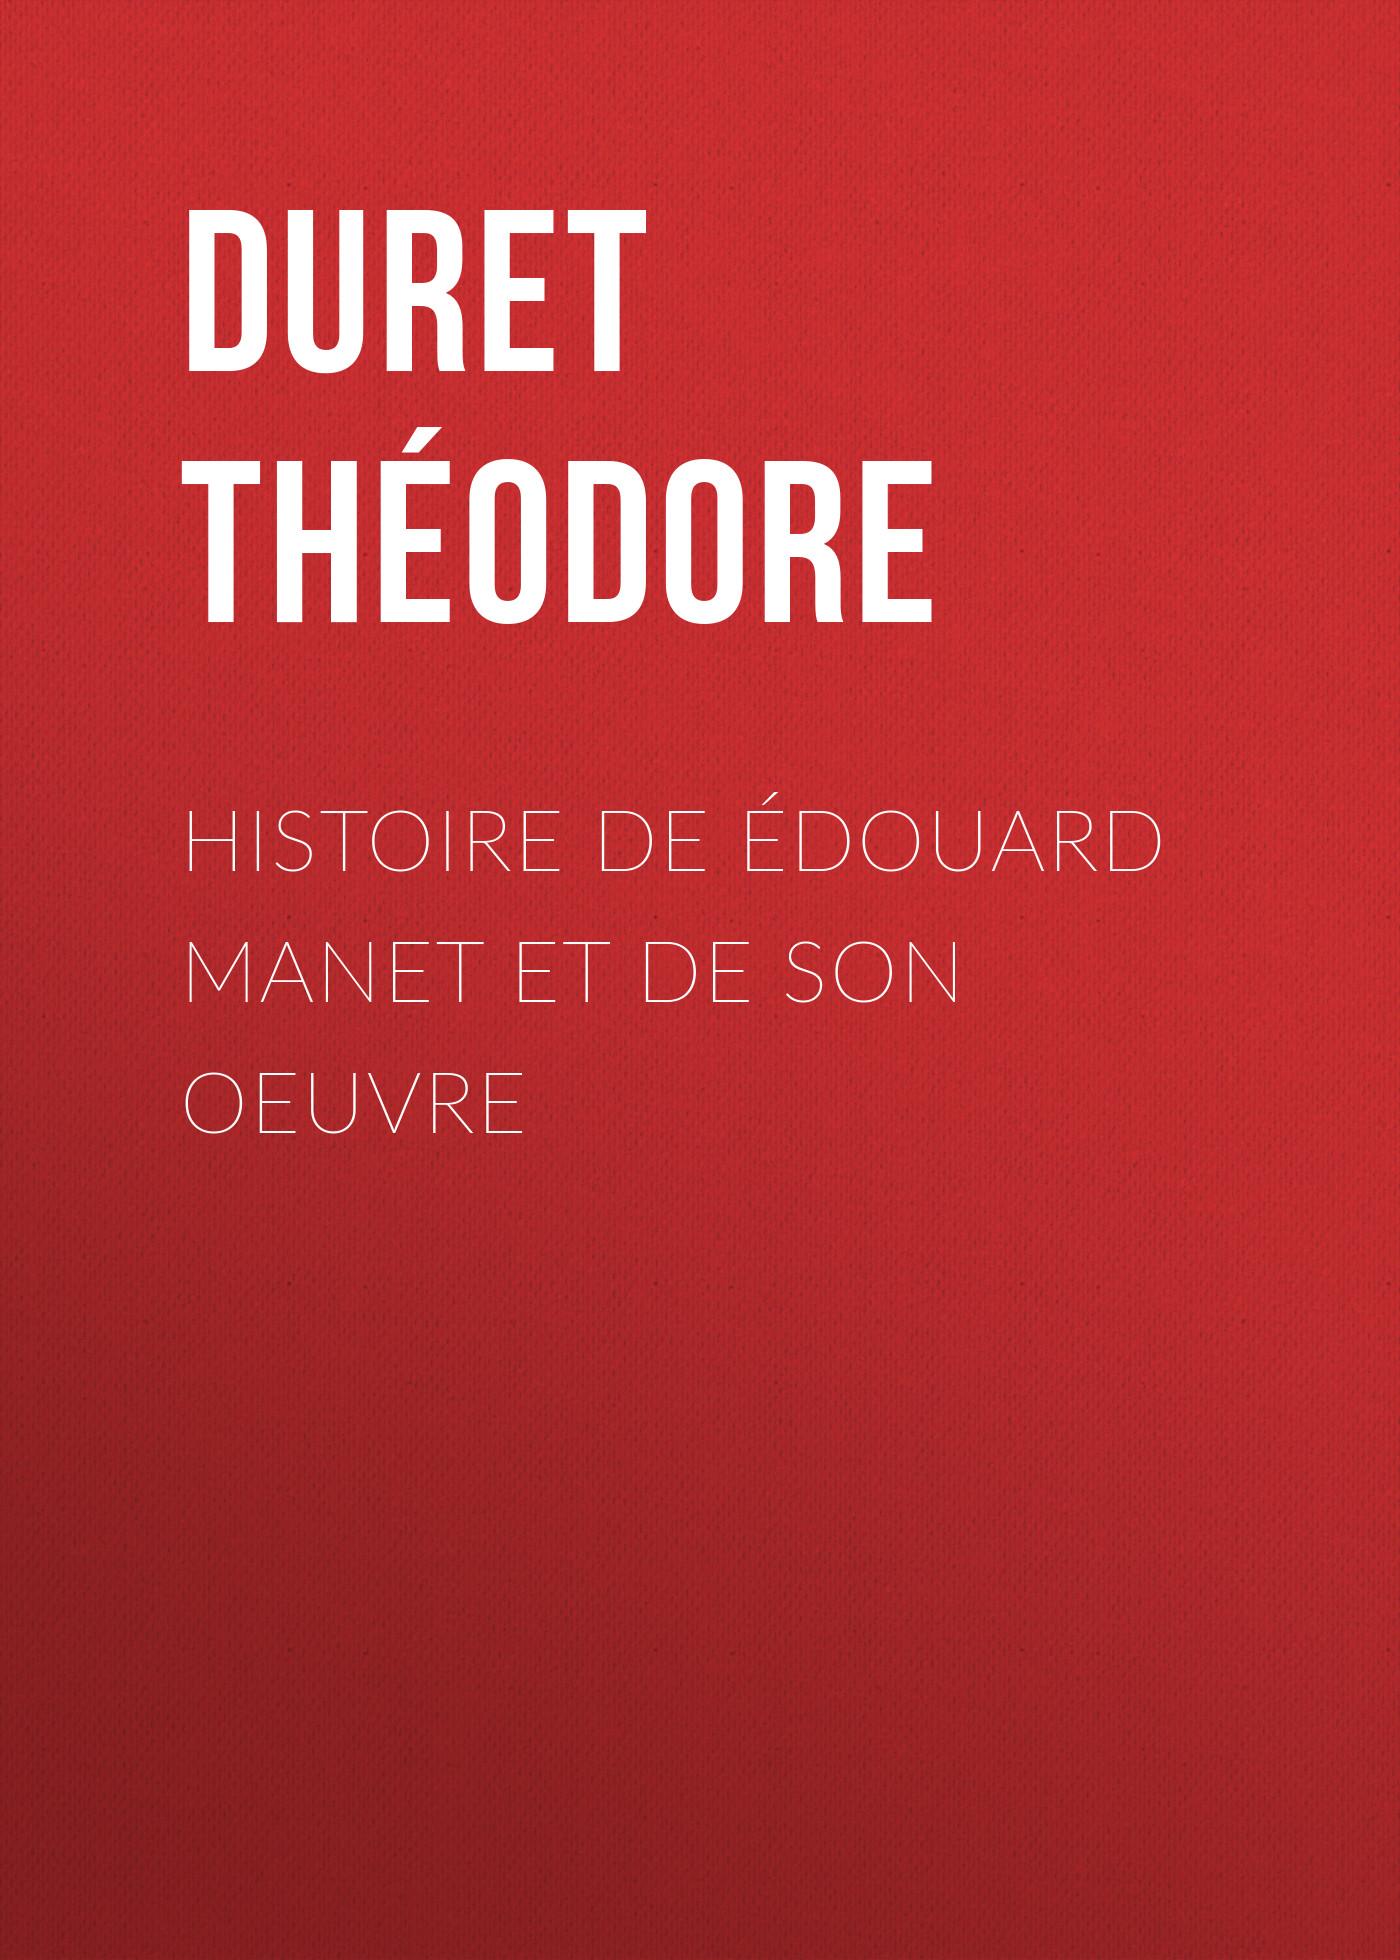 Histoire deÉdouard Manet et de son oeuvre